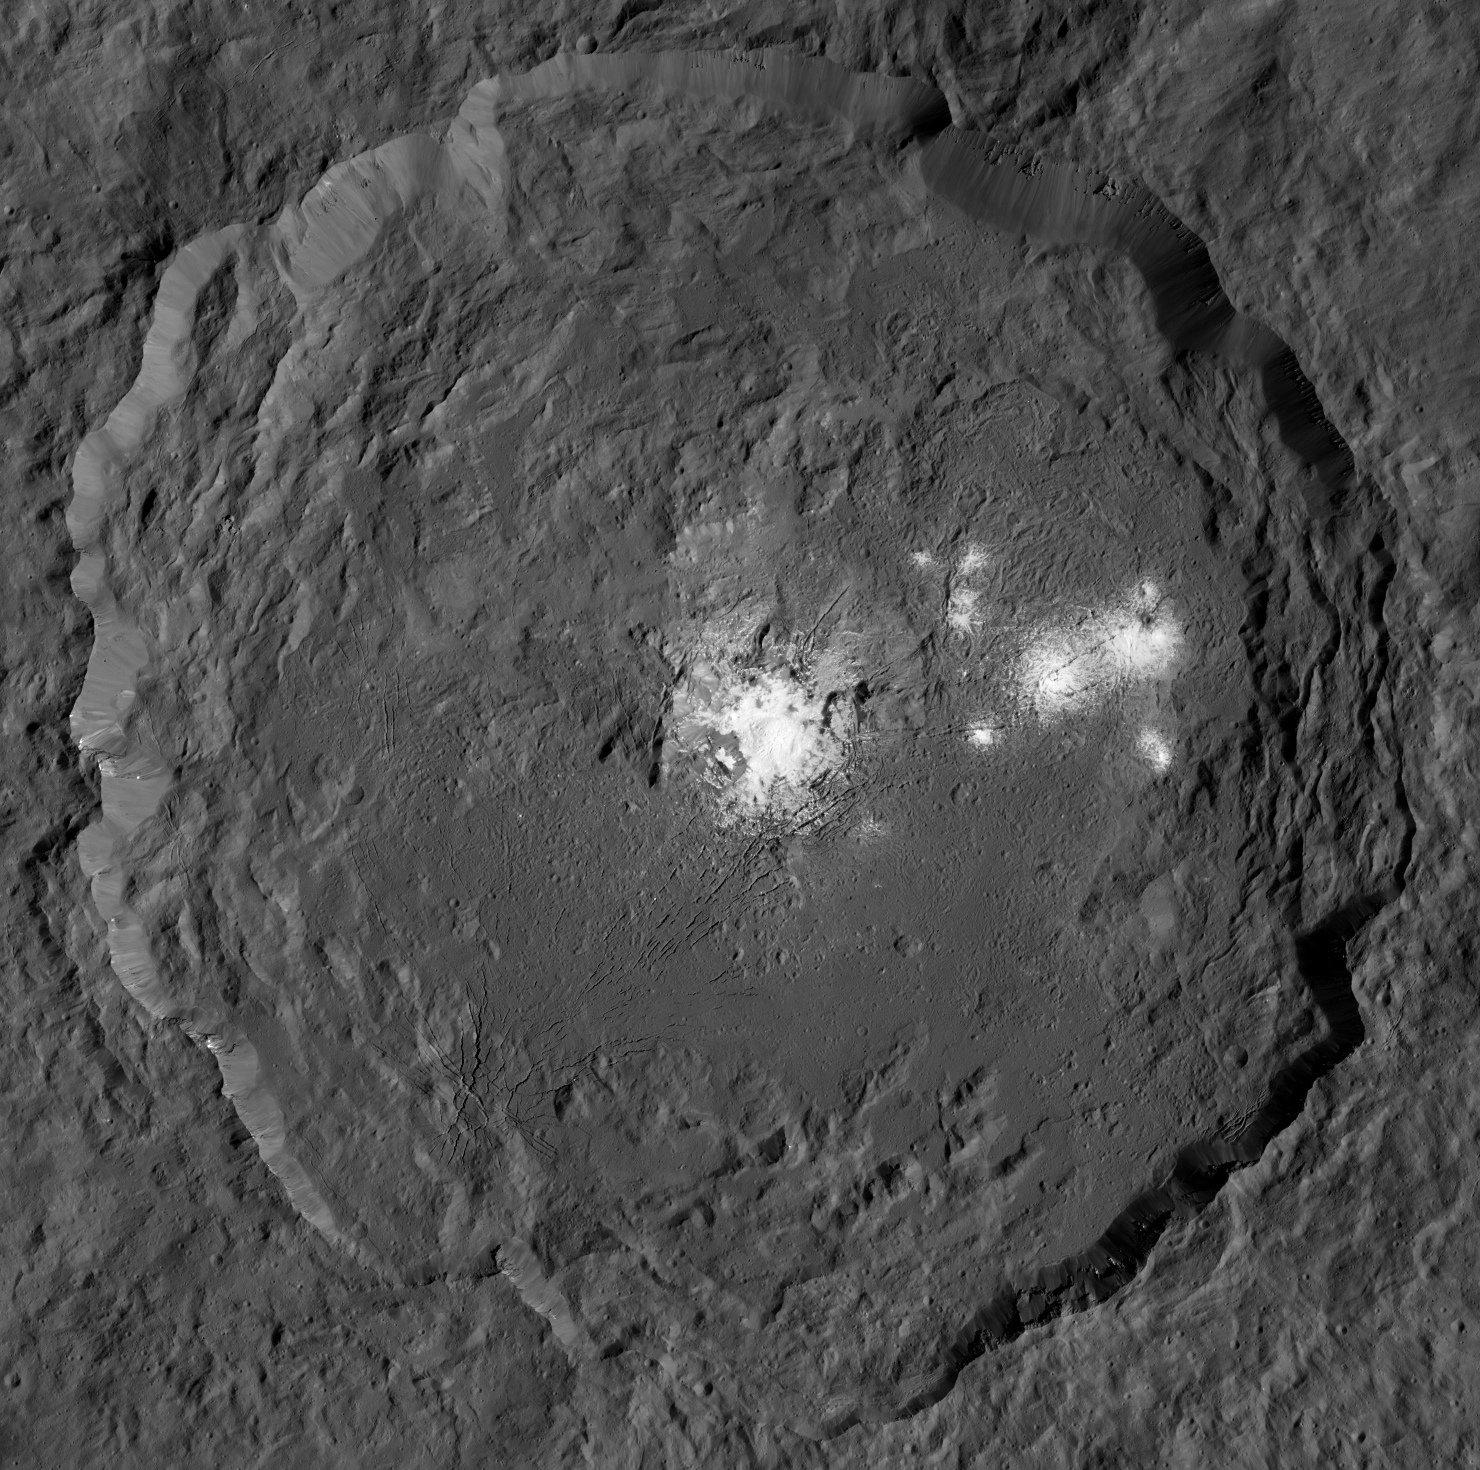 """Neue @NASA_Dawn-Bilder zeigen auch """"Hellen Fleck"""" im Occator-Krater detailliert wie nie. /mb (Bilder: NASA/JPL/DLR) https://t.co/fjddBkO3Je"""